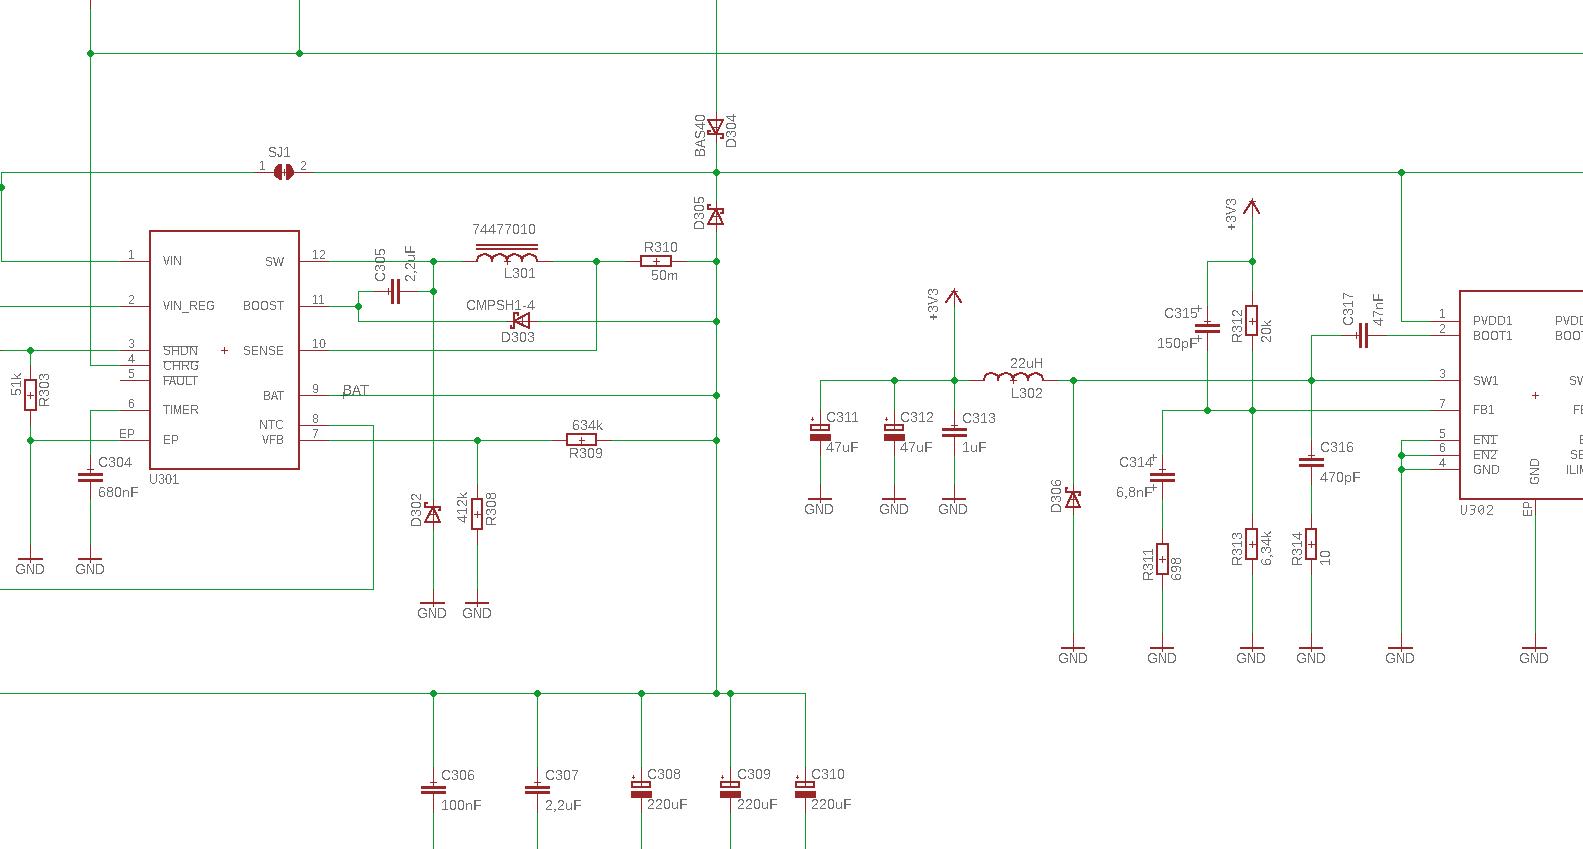 Electrónica de control para análisis de aliento Métrica6, innovación, ingeniería, desarrollo de producto, I+D+i